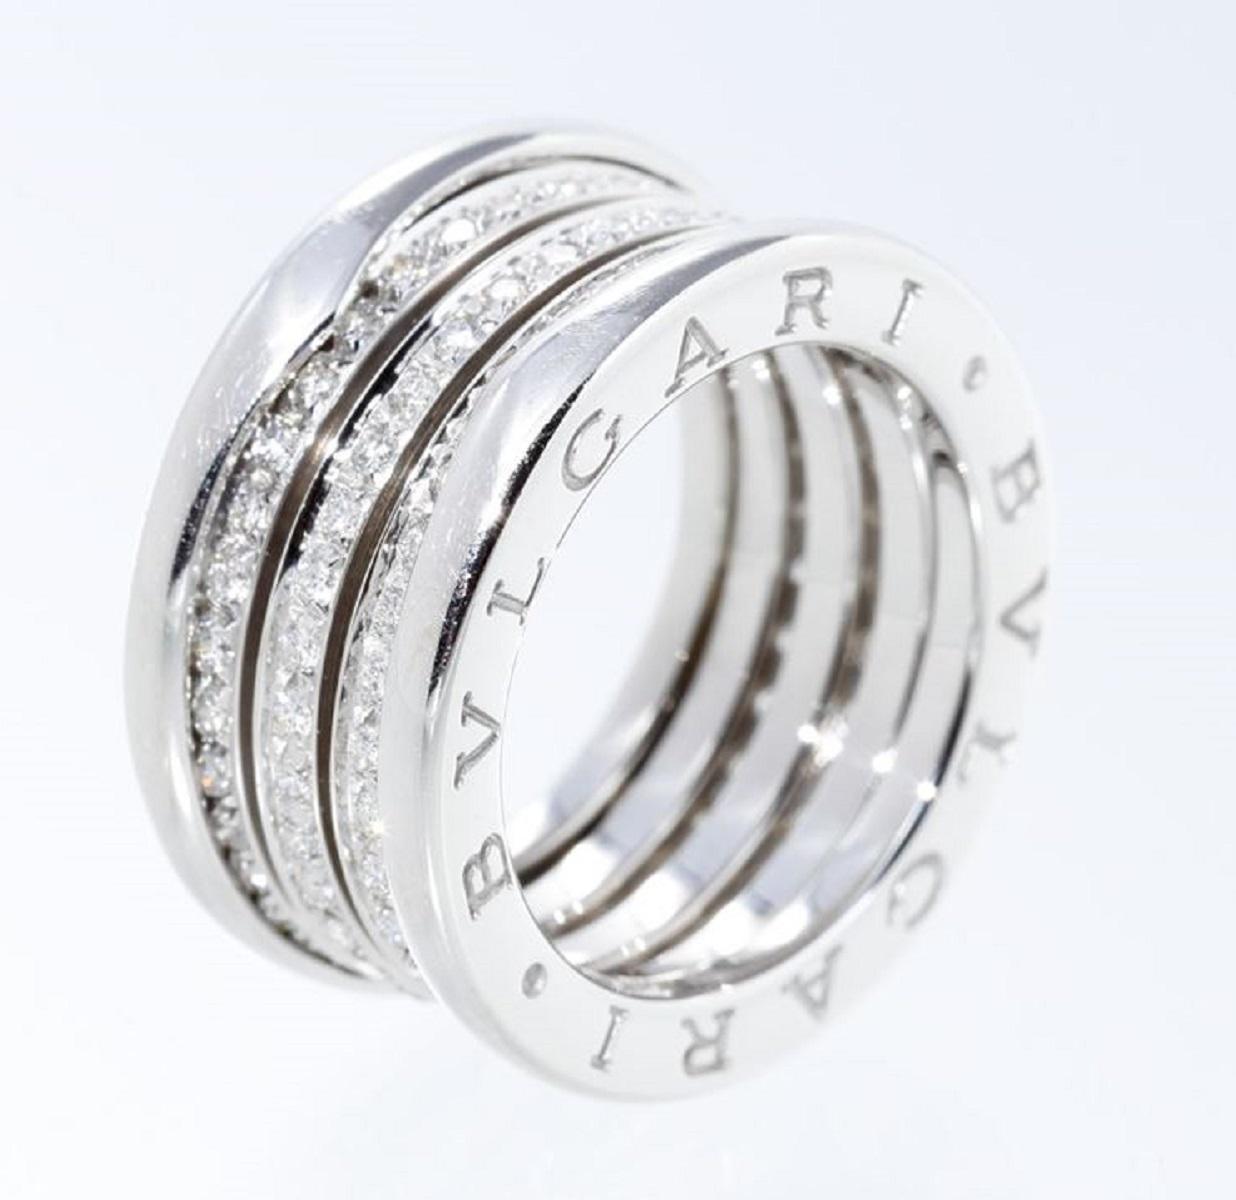 ブルガリ BVLGARI B-Zero1 フルダイヤリング 指輪 パヴェ 750WG ホワイトゴールド #52 11.5号 幅10.6 送料無料 【トレジャースポット】【中古】